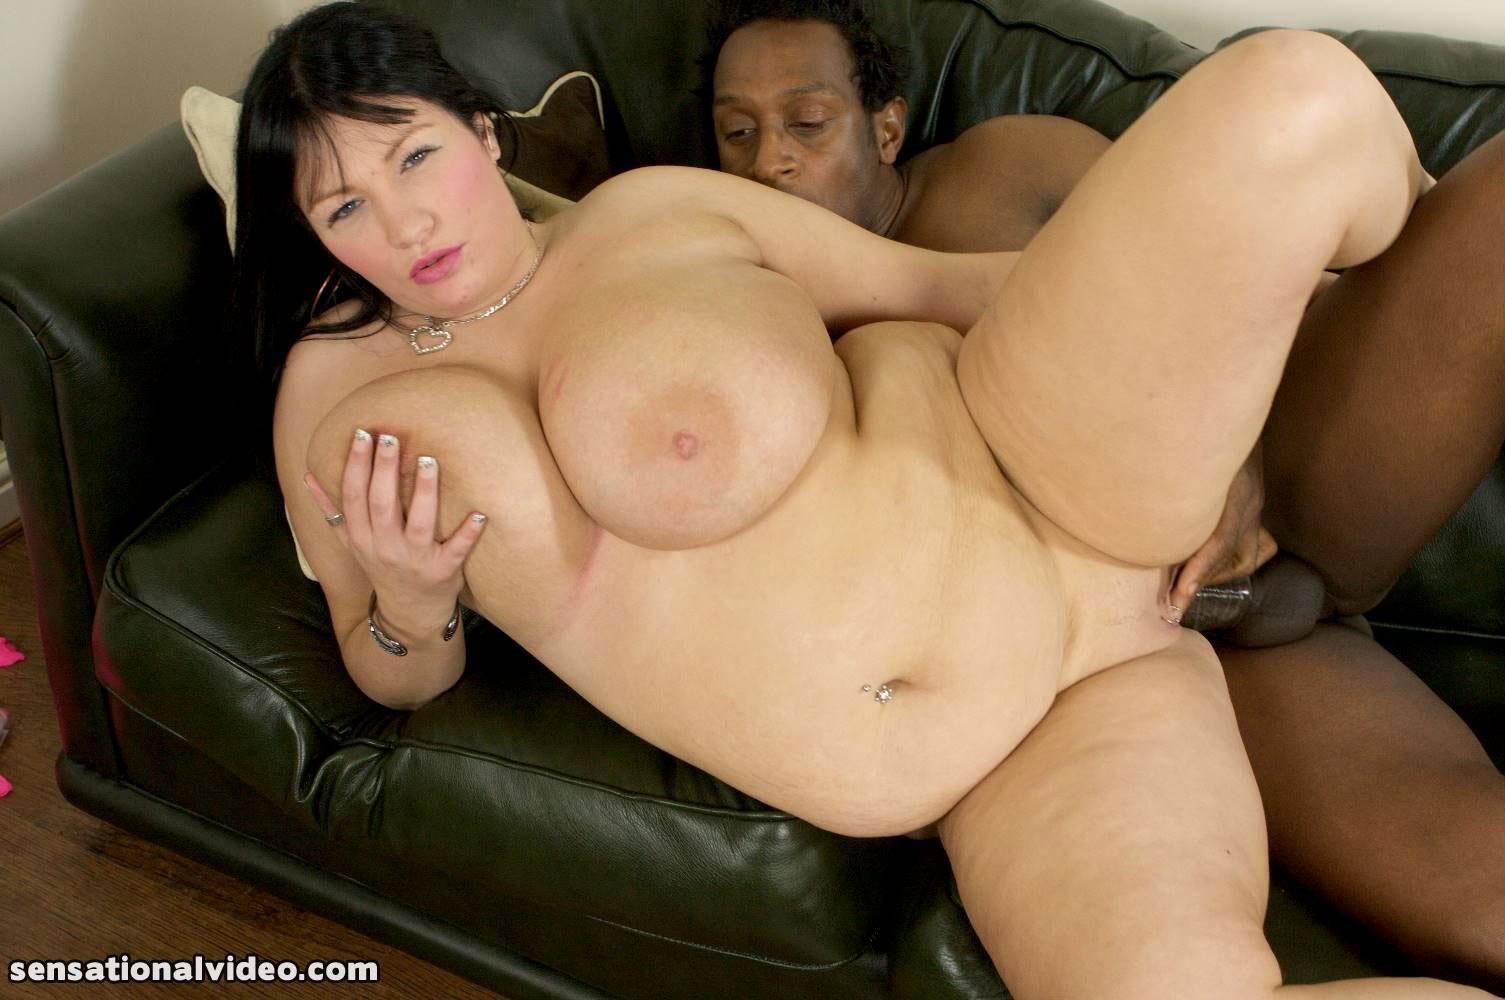 Naked huge men fucking women porn movies